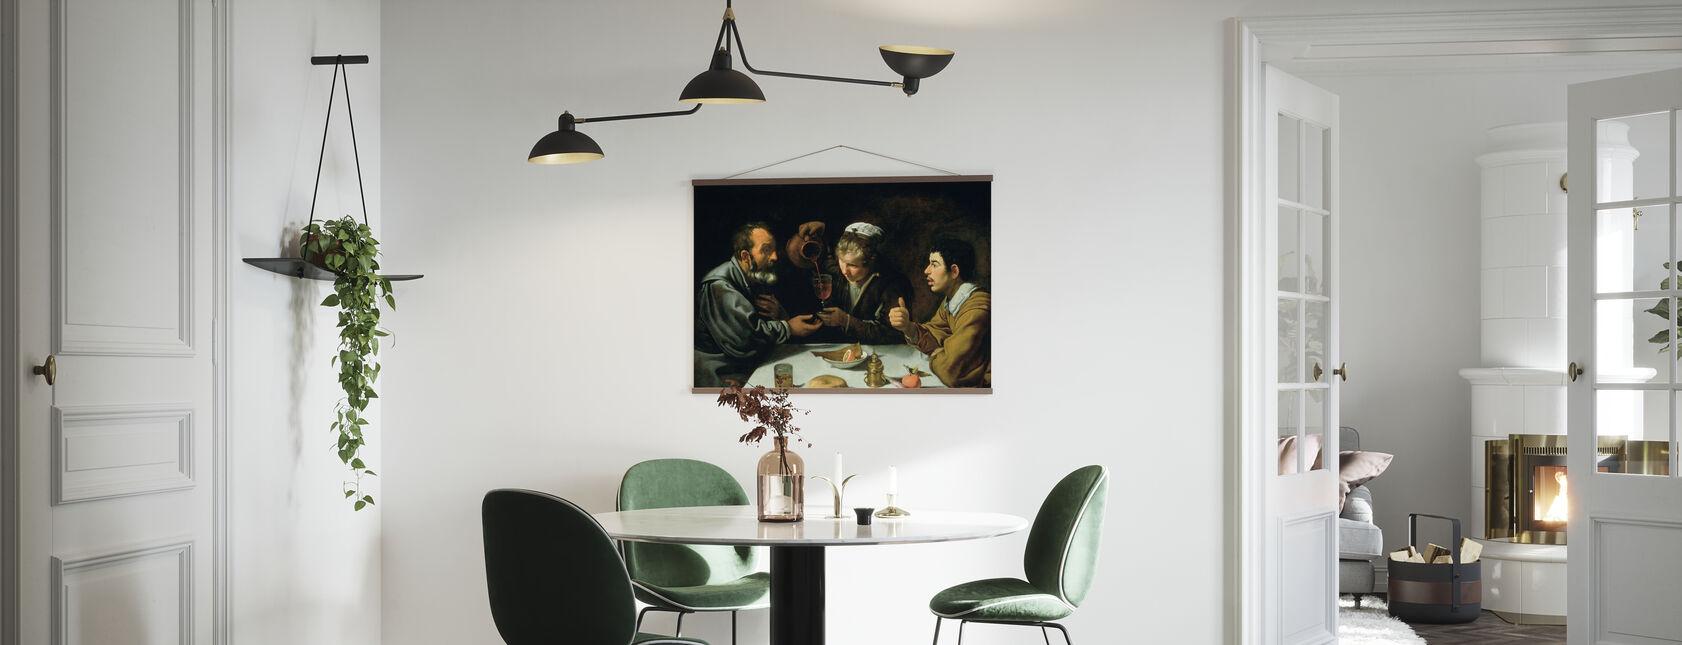 Lunch - Diego Velasquez - Poster - Kitchen